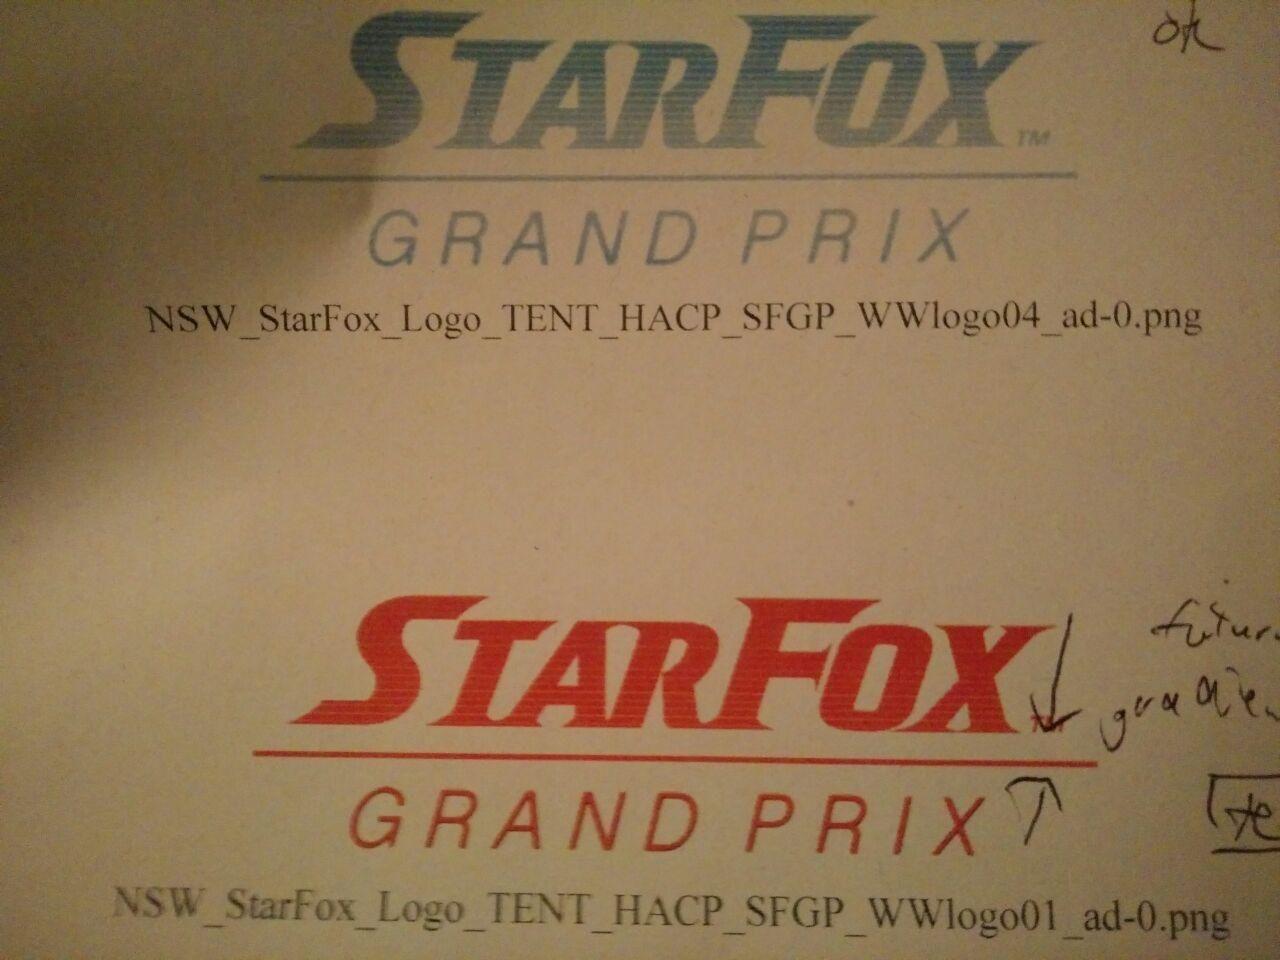 Lo nuevo de Retro Studios sería Star Fox: Grand Prix, según rumores